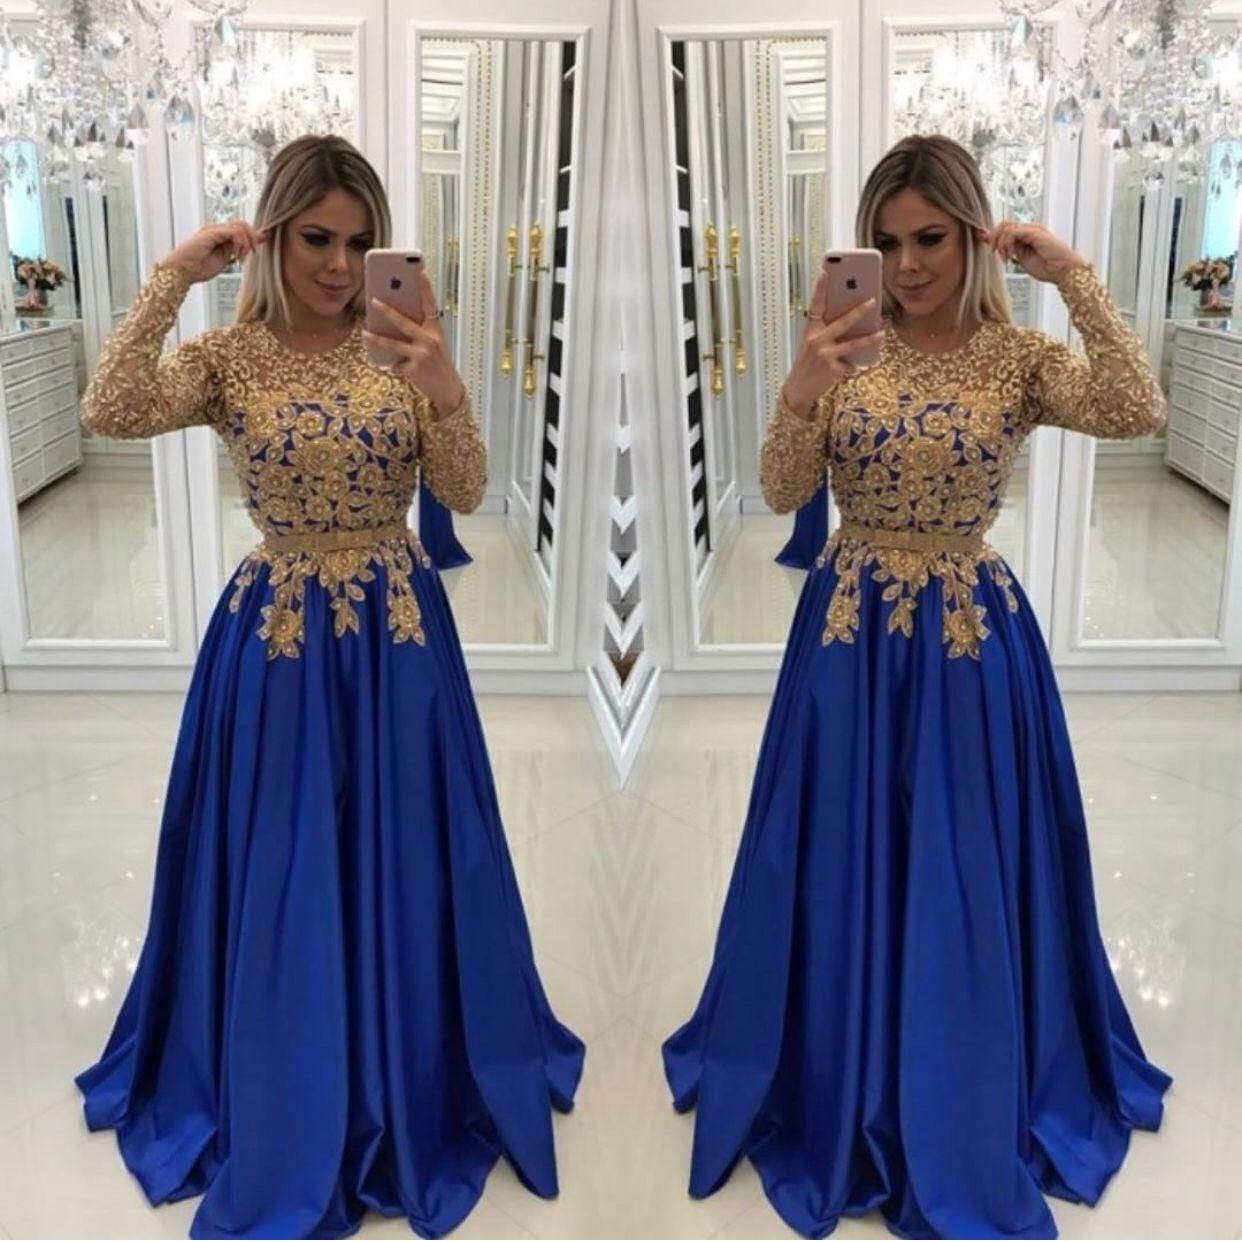 مثير الملكي الأزرق مع الذهب الدانتيل الخرز فساتين السهرة القفطان الرسمي العباءات الوهم طويل الأكمام الترتر الحرير prom مورجان اللباس زائد الحجم صغيرتي